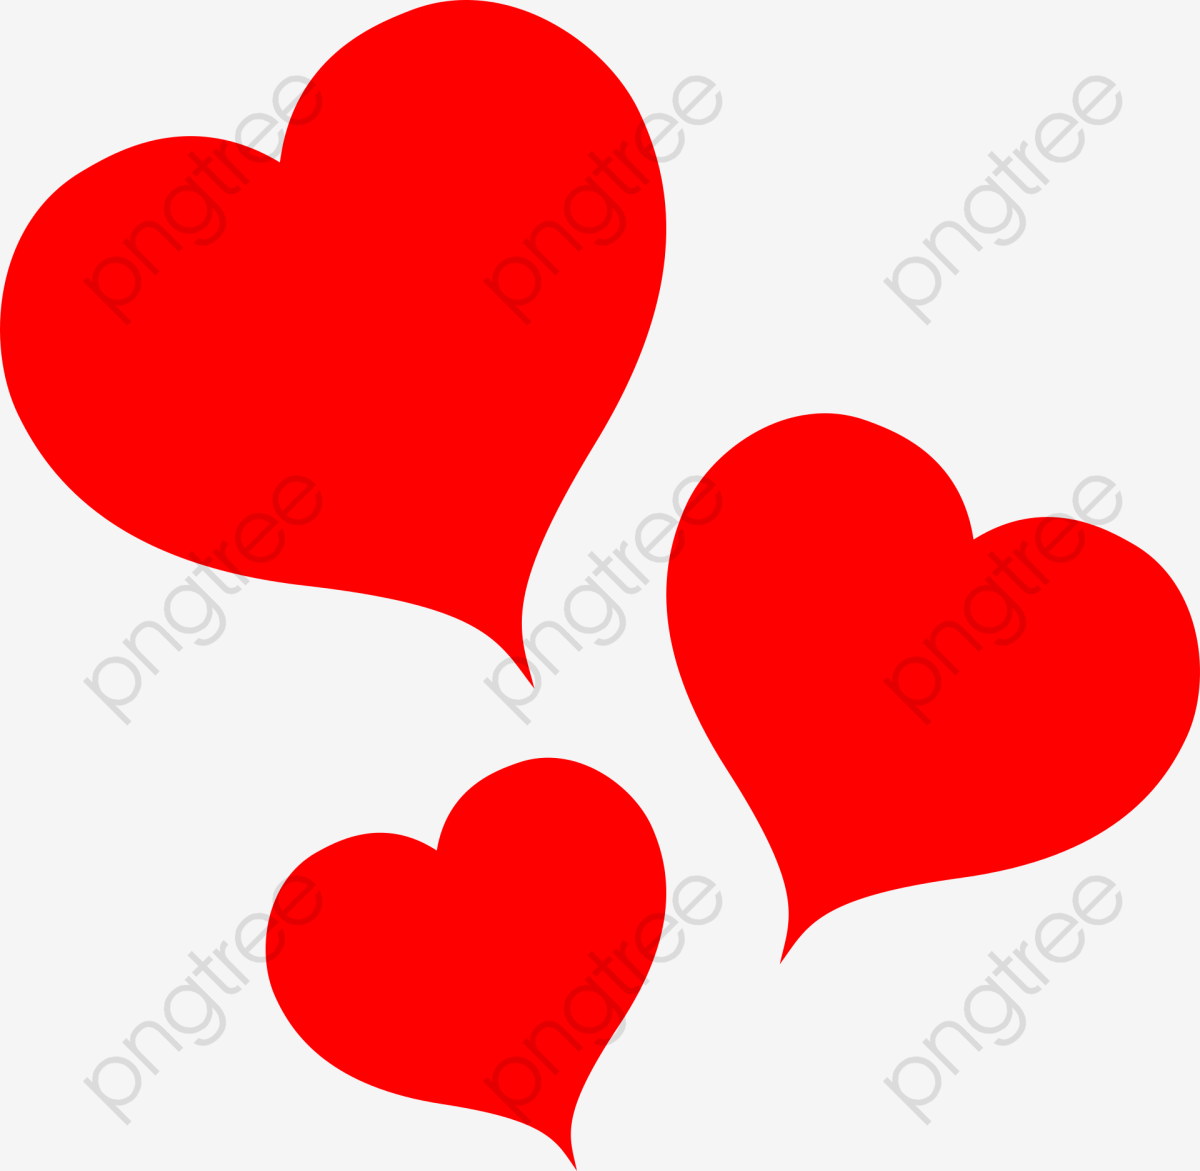 Doce Coração Vermelho, Linda, Coração Vermelho, Decoração PNG Imagem.